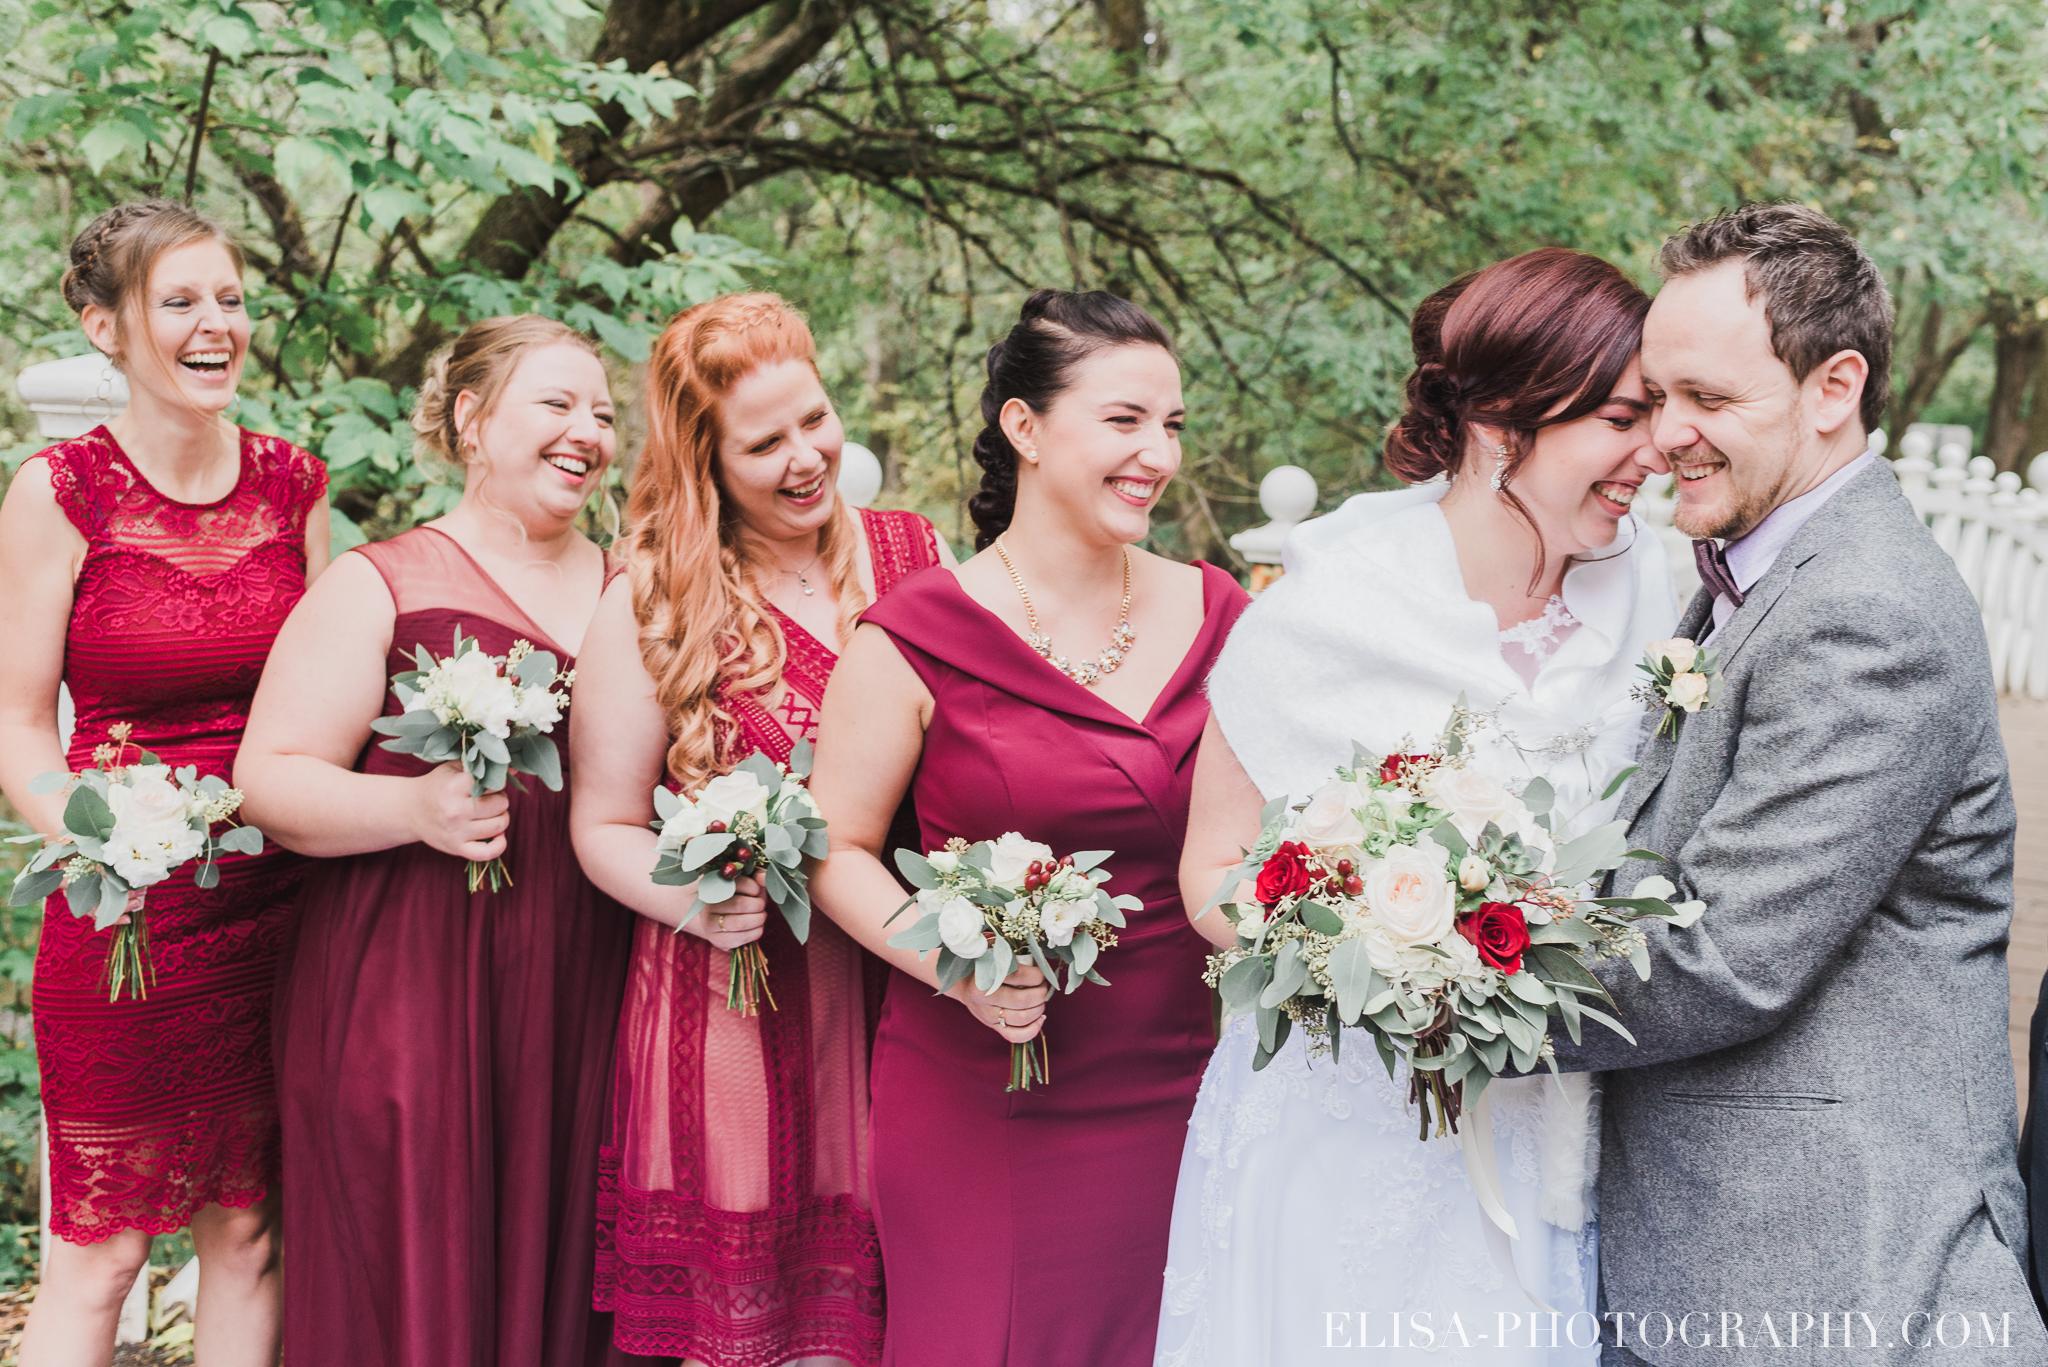 photo mariage automne domaine maizeret bourgogne marron cortege demoiselles honneur bouquet rose 5369 - Mariage à saveur automnale à l'Espace Saint-Grégoire